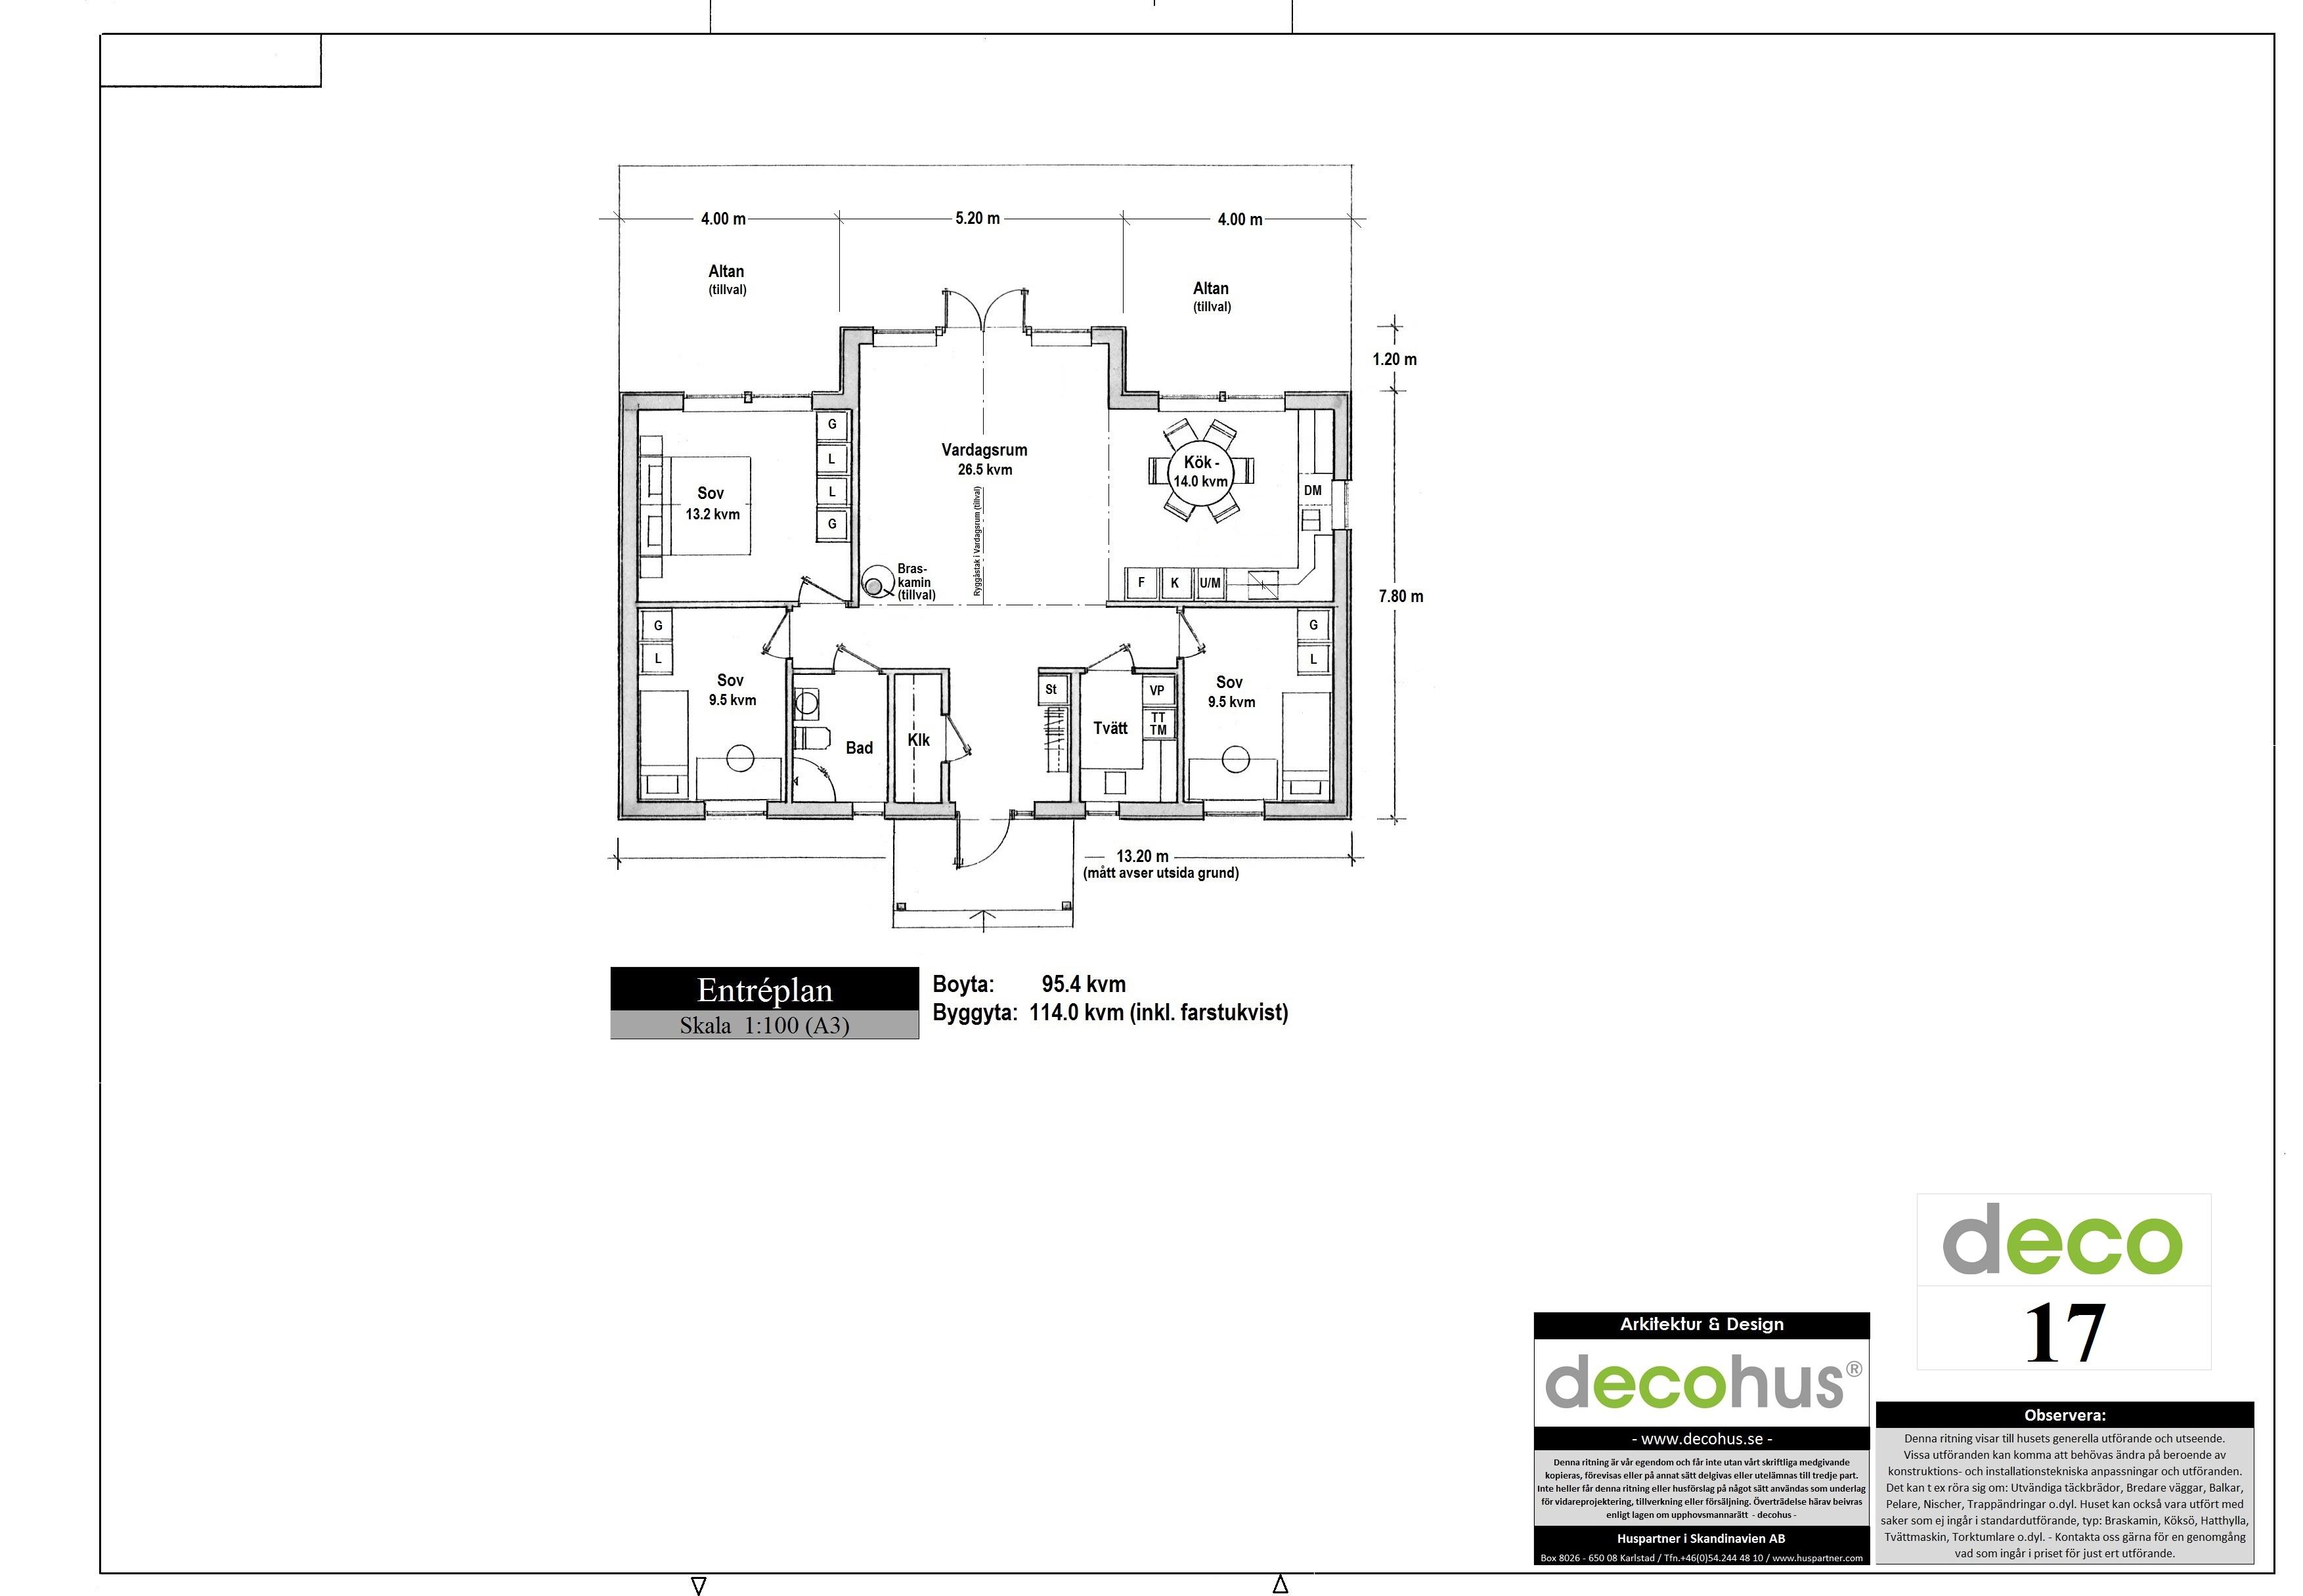 villa_deco17_planlosning_huspartner